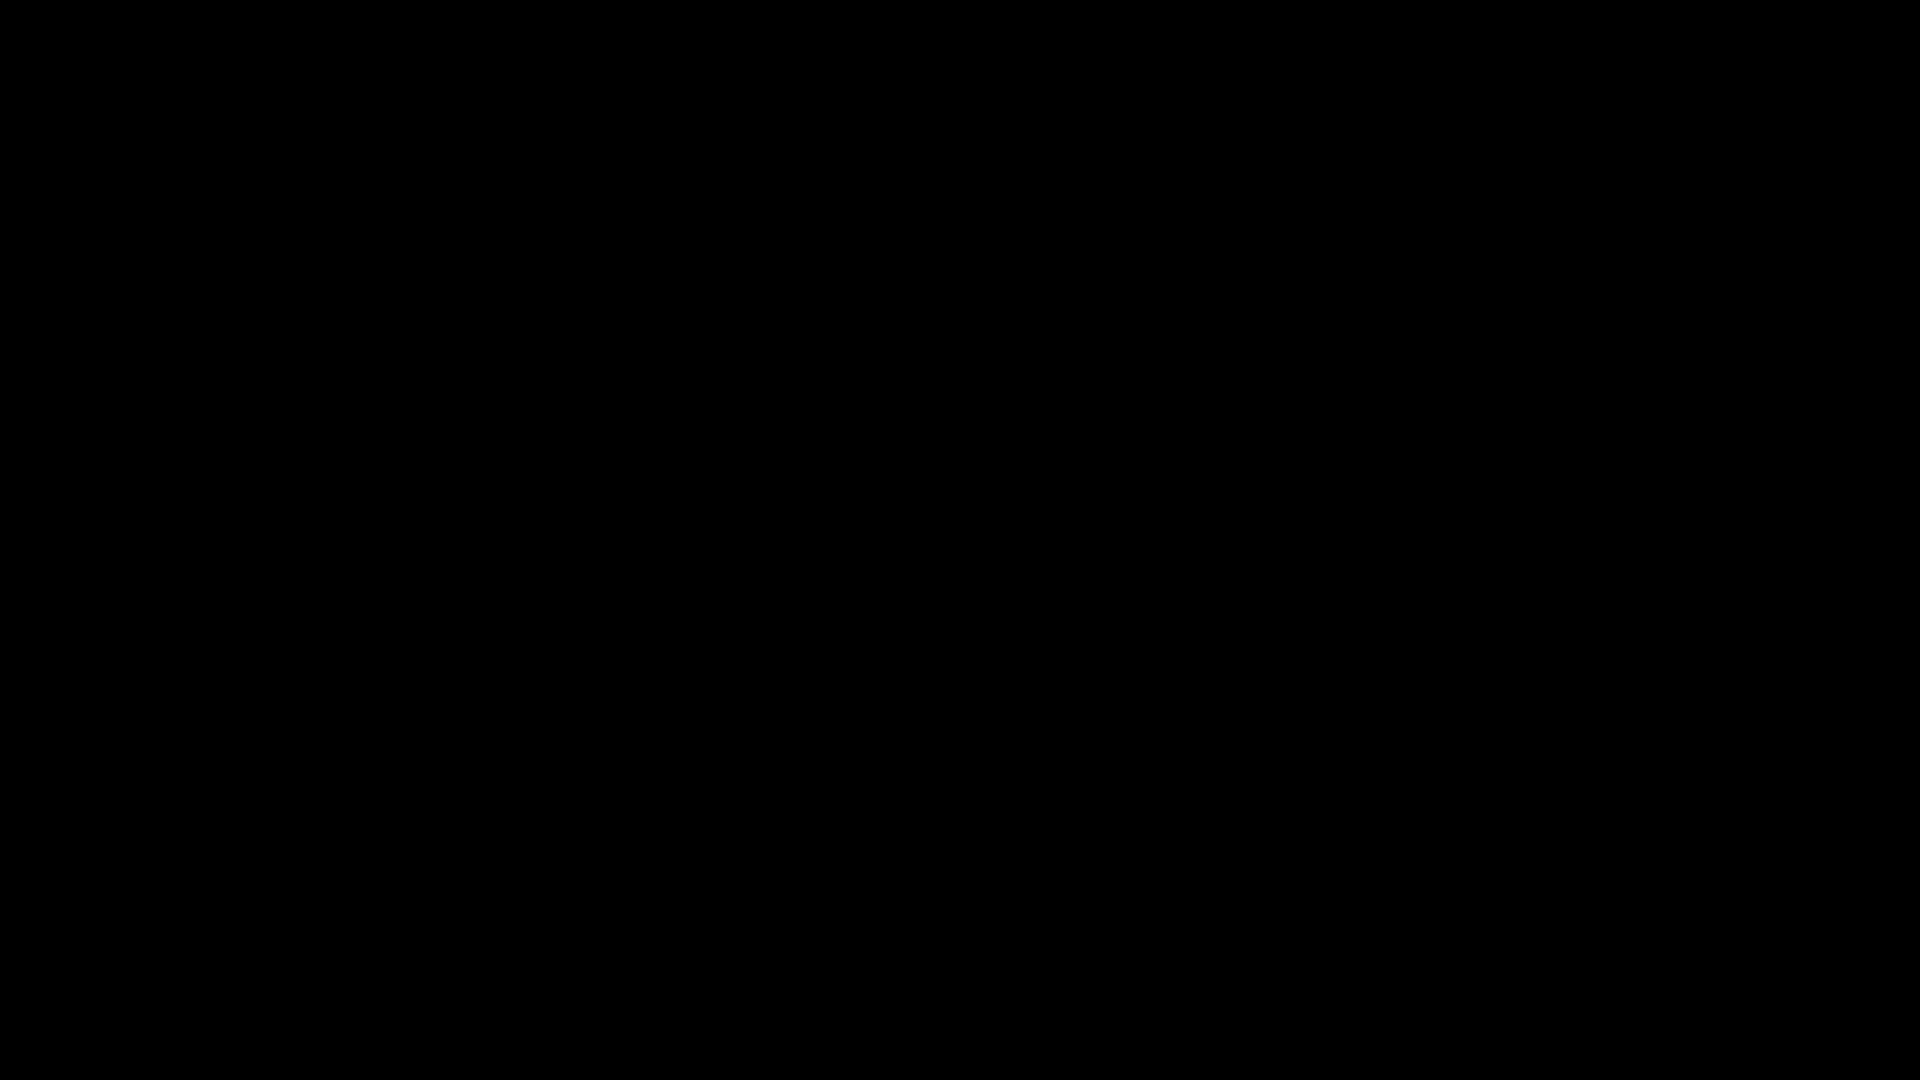 高画質露天女風呂観察 vol.032 女風呂 エロ画像 103pic 16